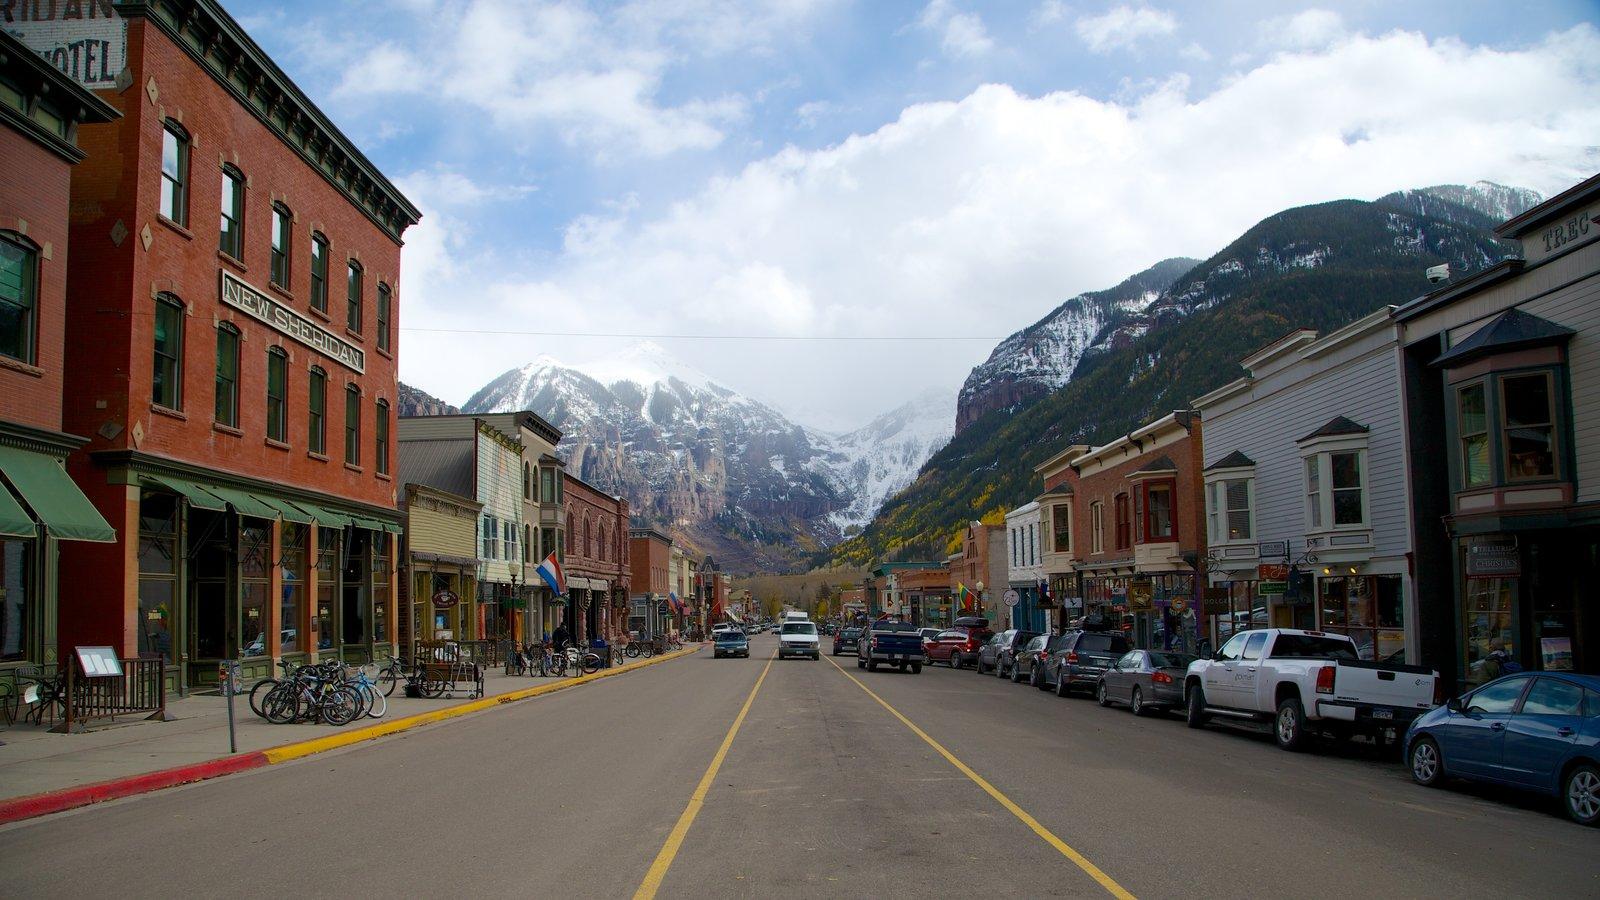 Telluride Ski Resort caracterizando cenas de rua, montanhas e uma cidade pequena ou vila